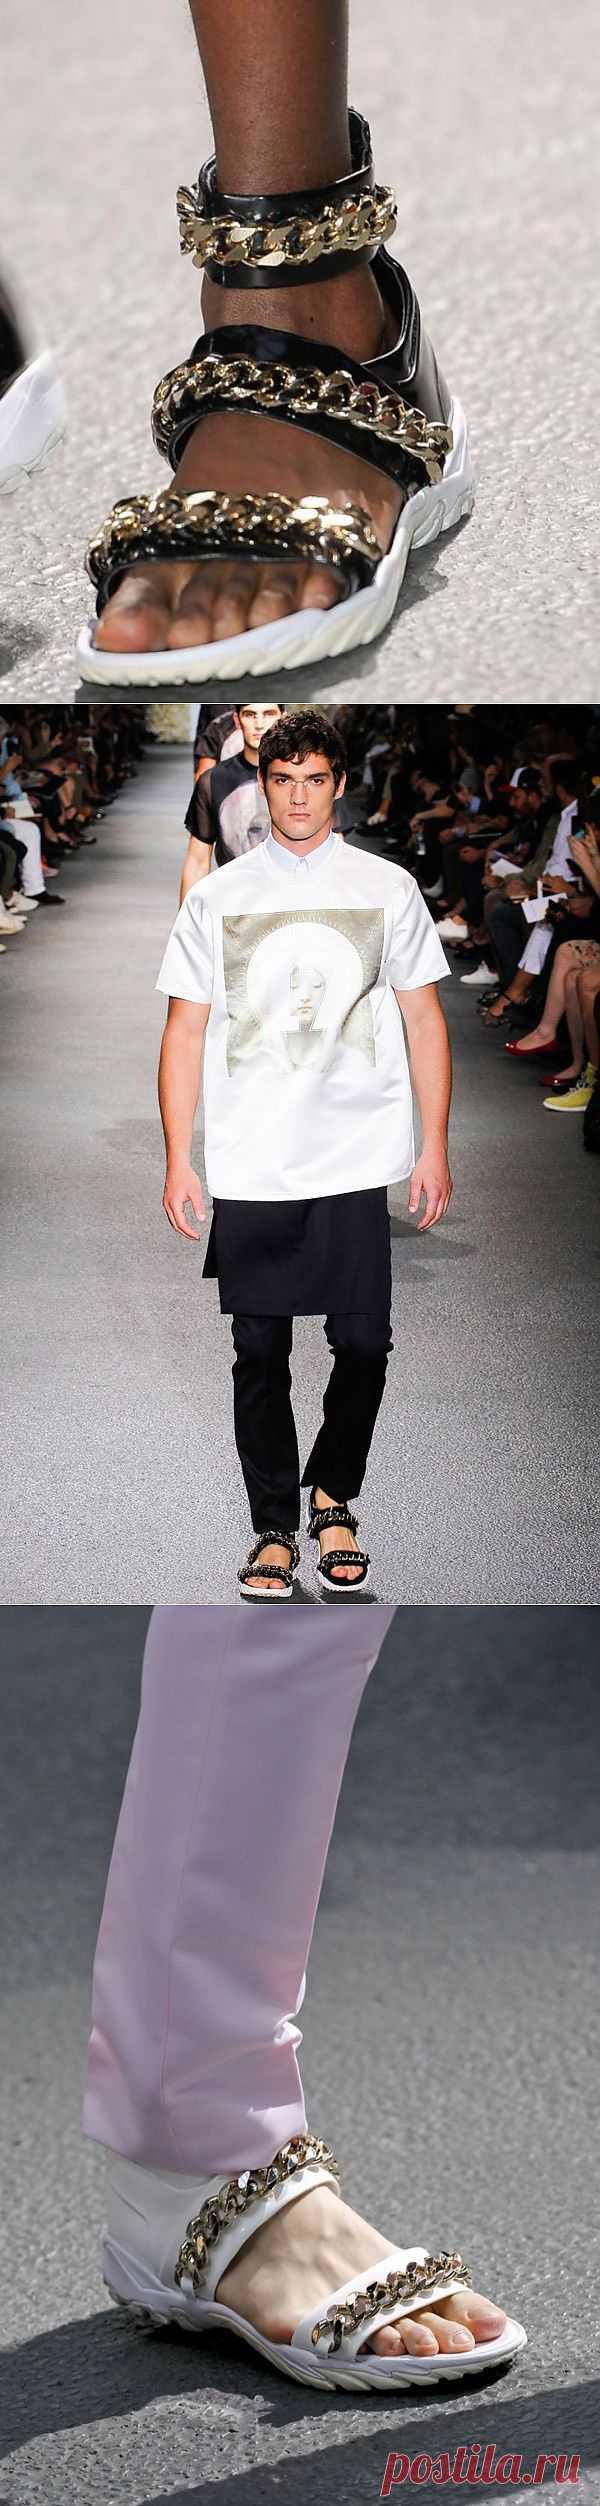 Сандалии из коллекции Givenchy весна-лето 2013 / Дизайнеры / Модный сайт о стильной переделке одежды и интерьера